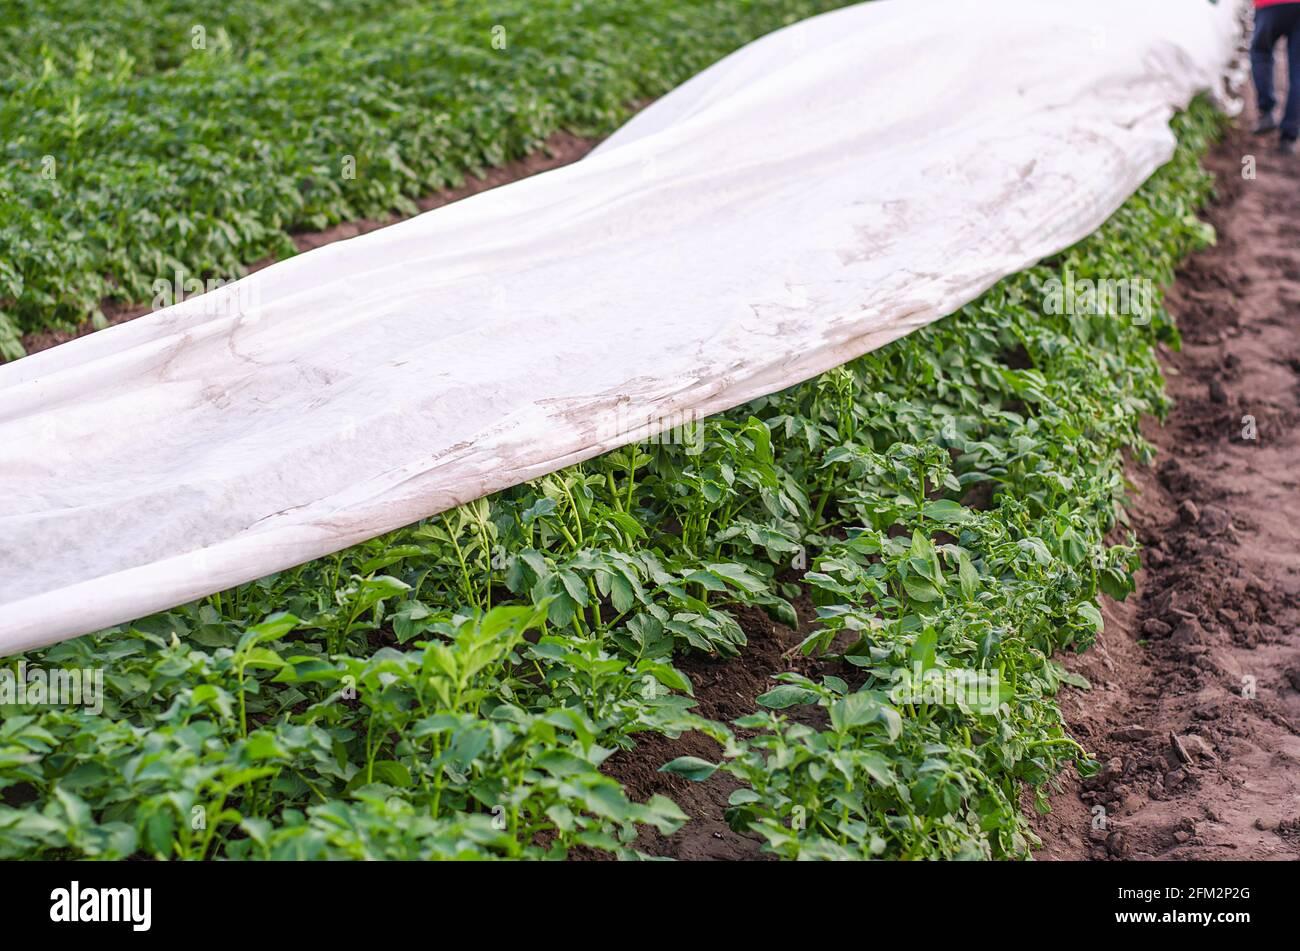 Hilera de plantación de papa parcialmente cubierta con agrofibra de espunbond. Tecnologías modernas en la agricultura. Protección de las plantas contra las heladas nocturnas. Retirada de la p Foto de stock